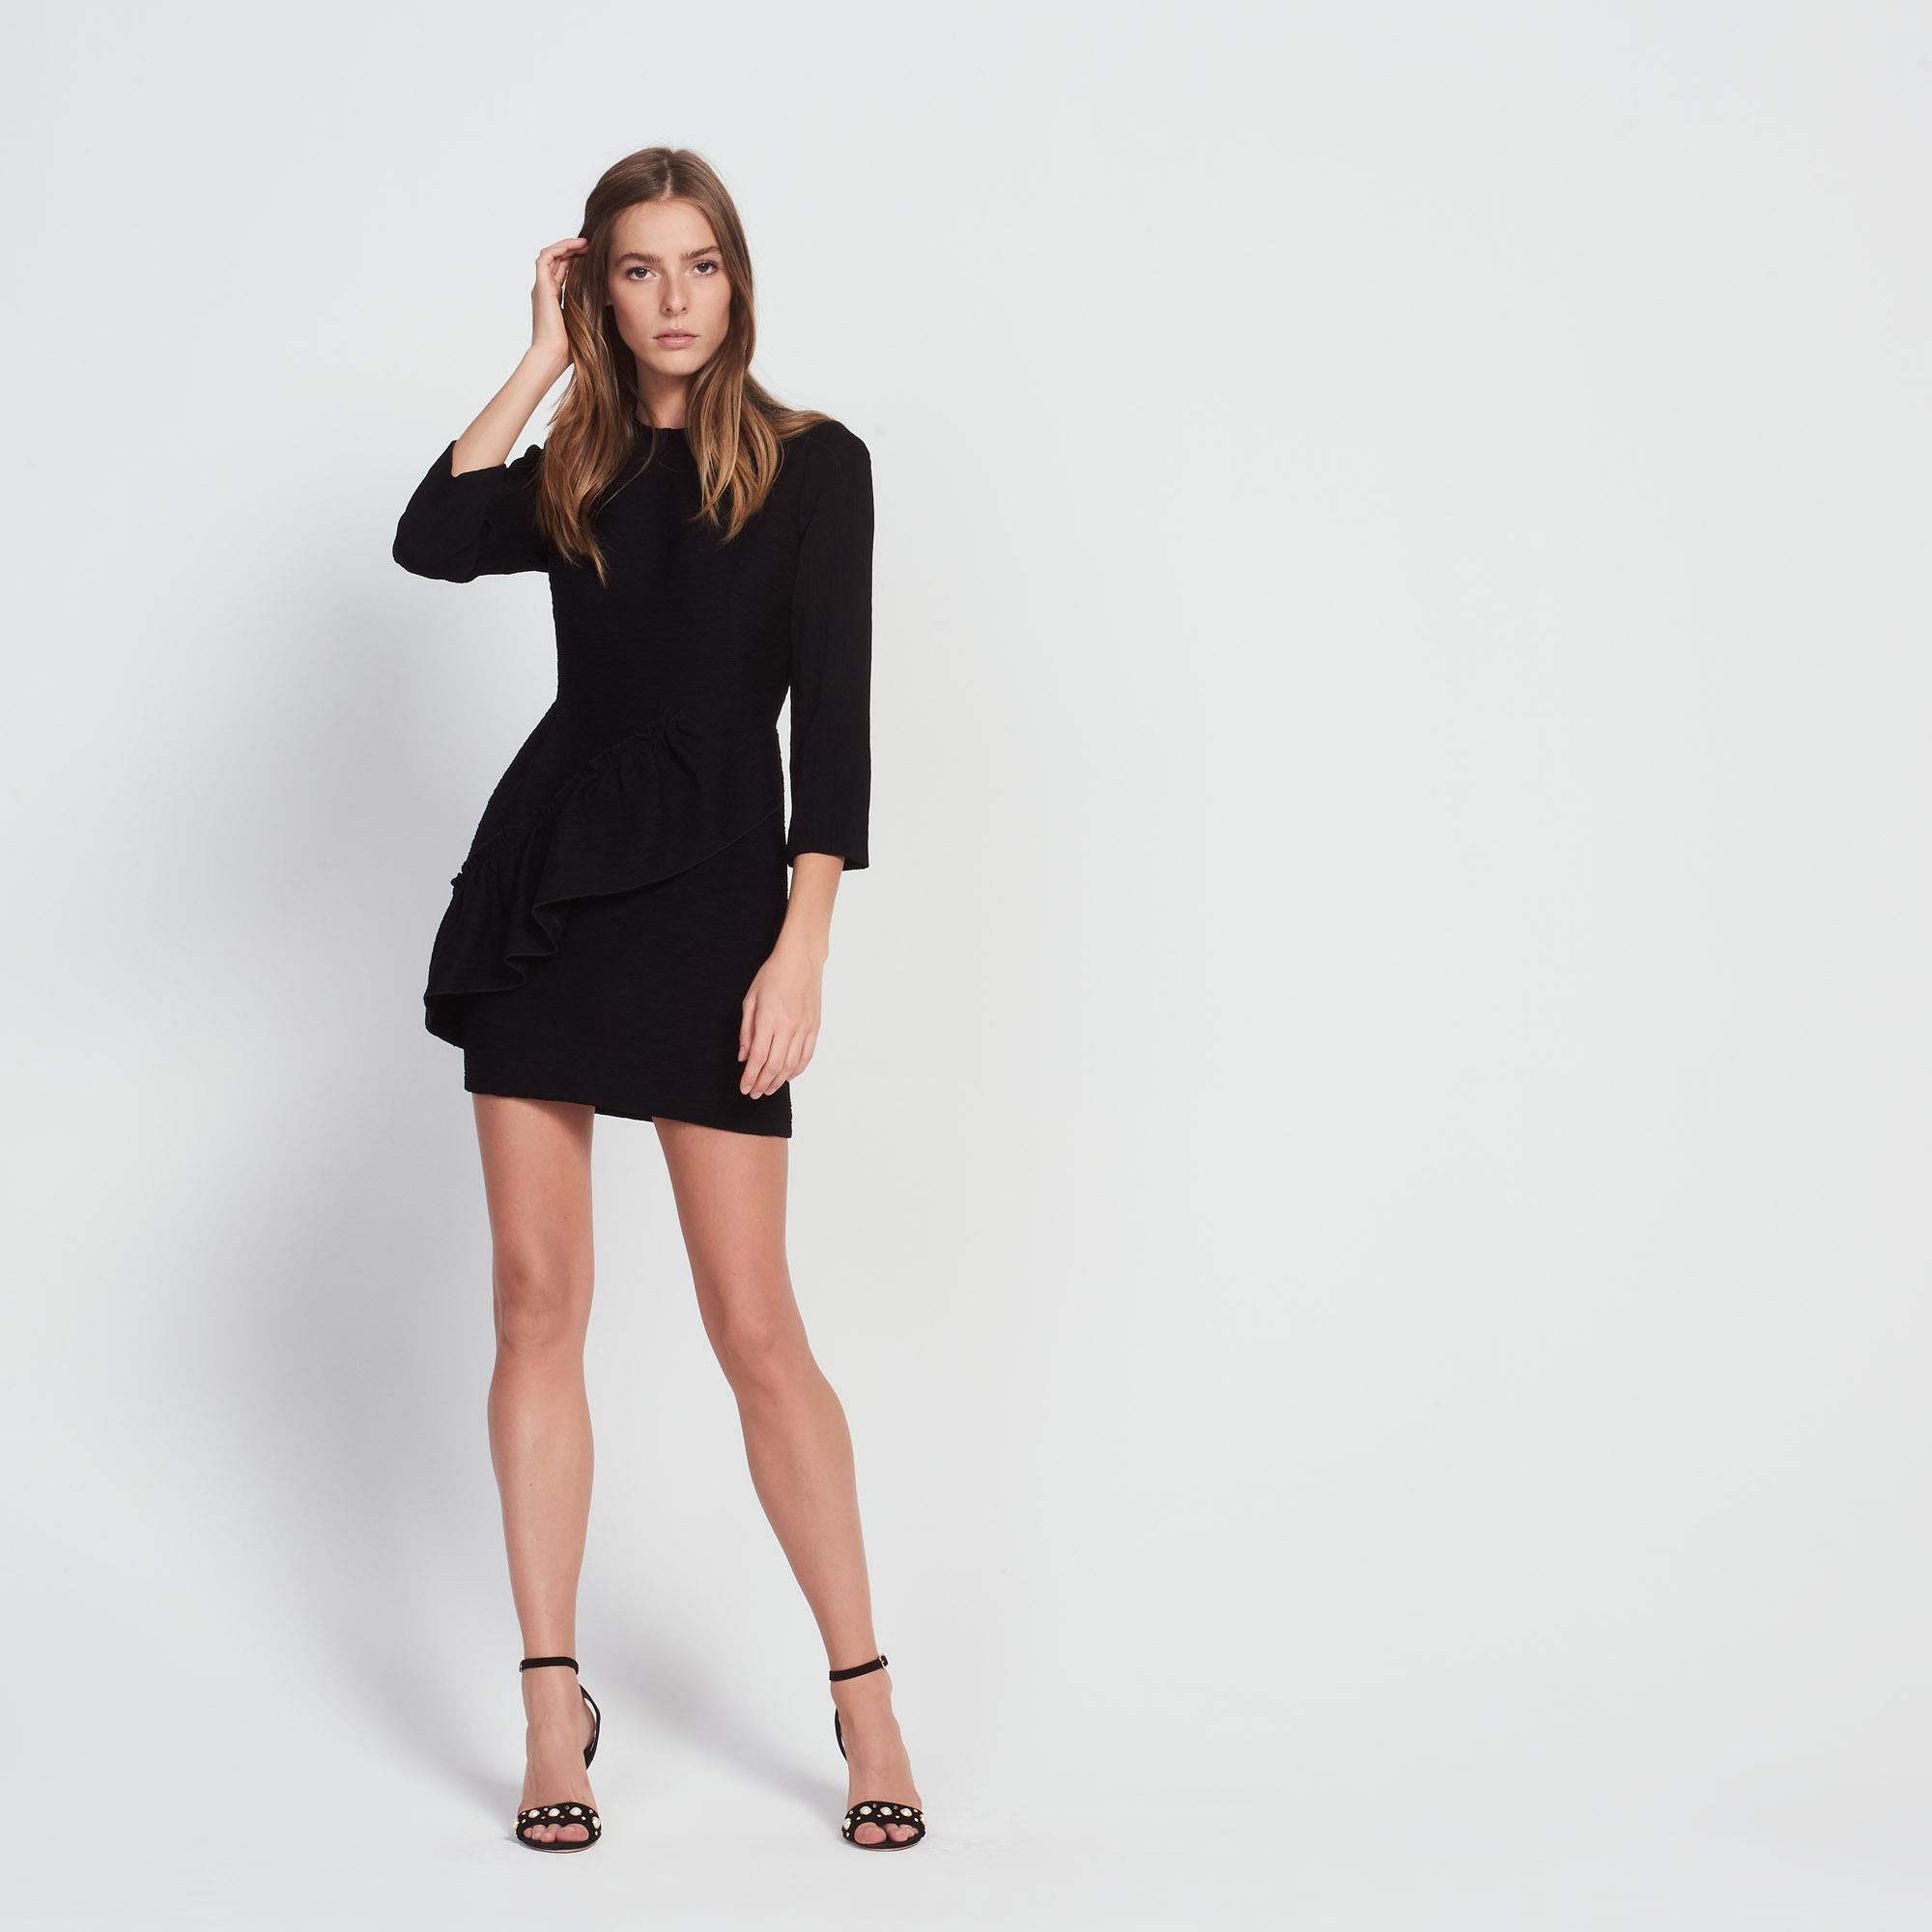 Robe noir sandro